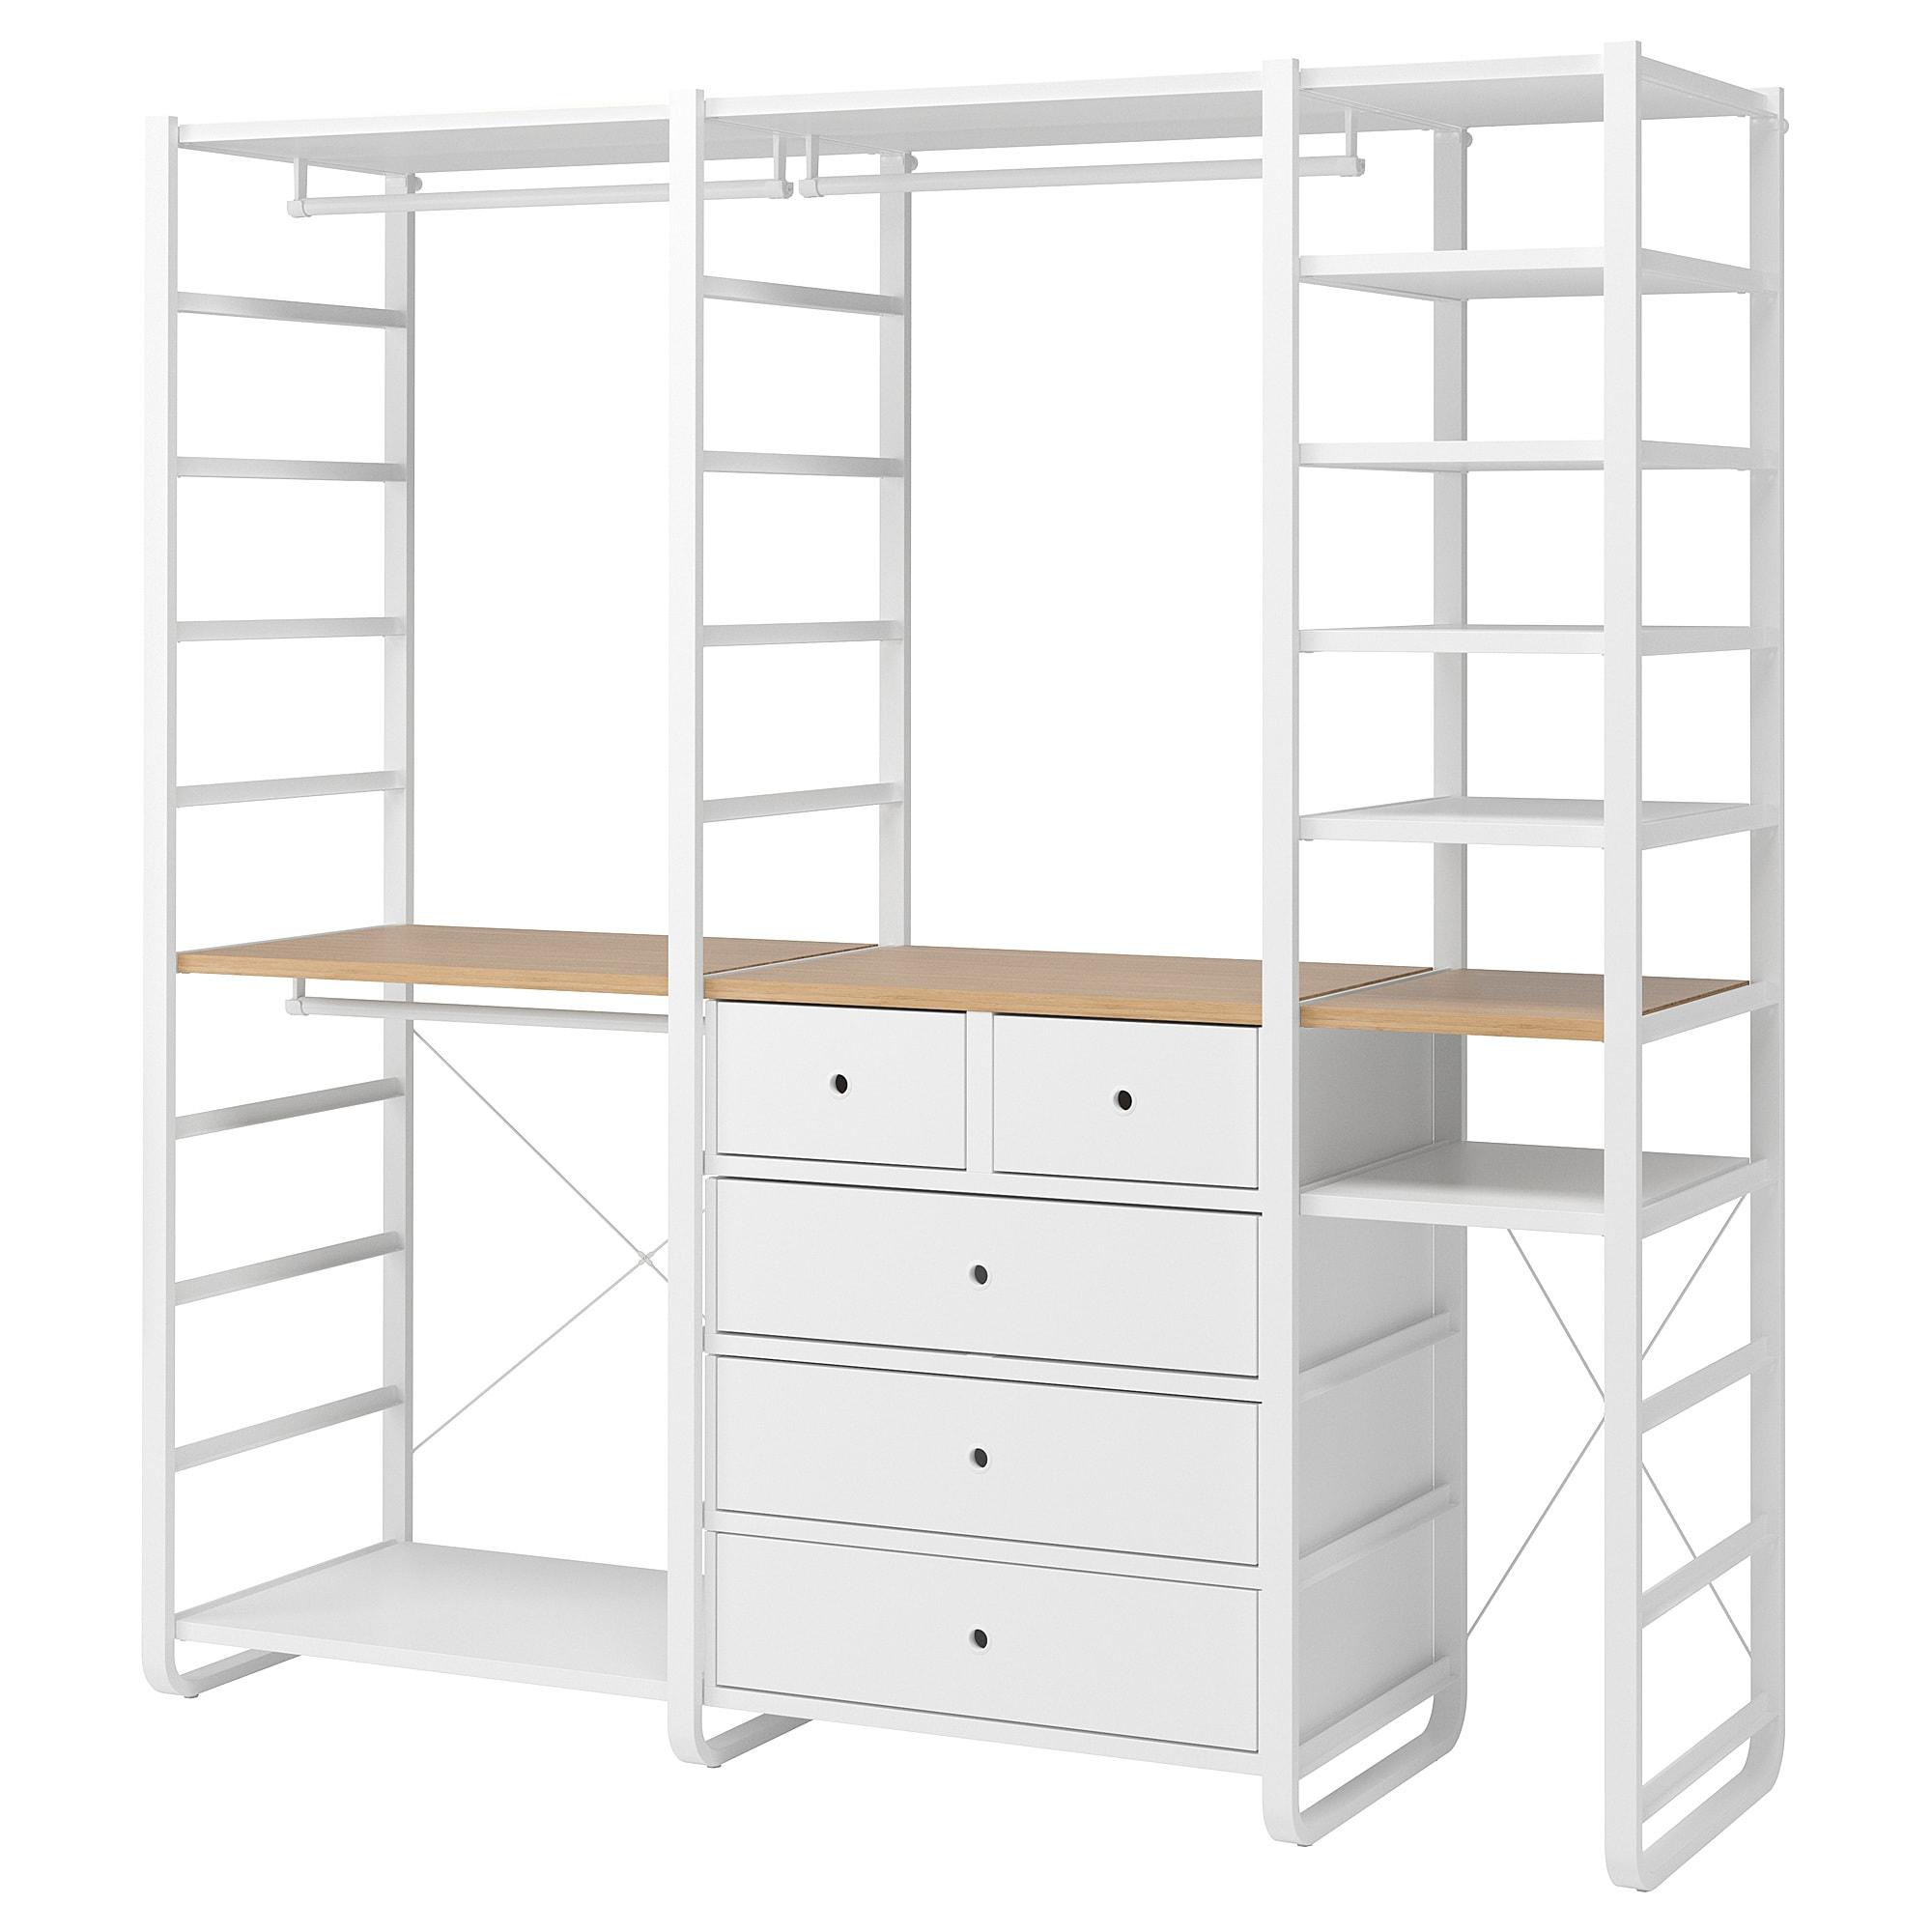 3 секции ЭЛВАРЛИ белый артикуль № 892.040.08 в наличии. Интернет магазин IKEA Республика Беларусь. Быстрая доставка и соборка.